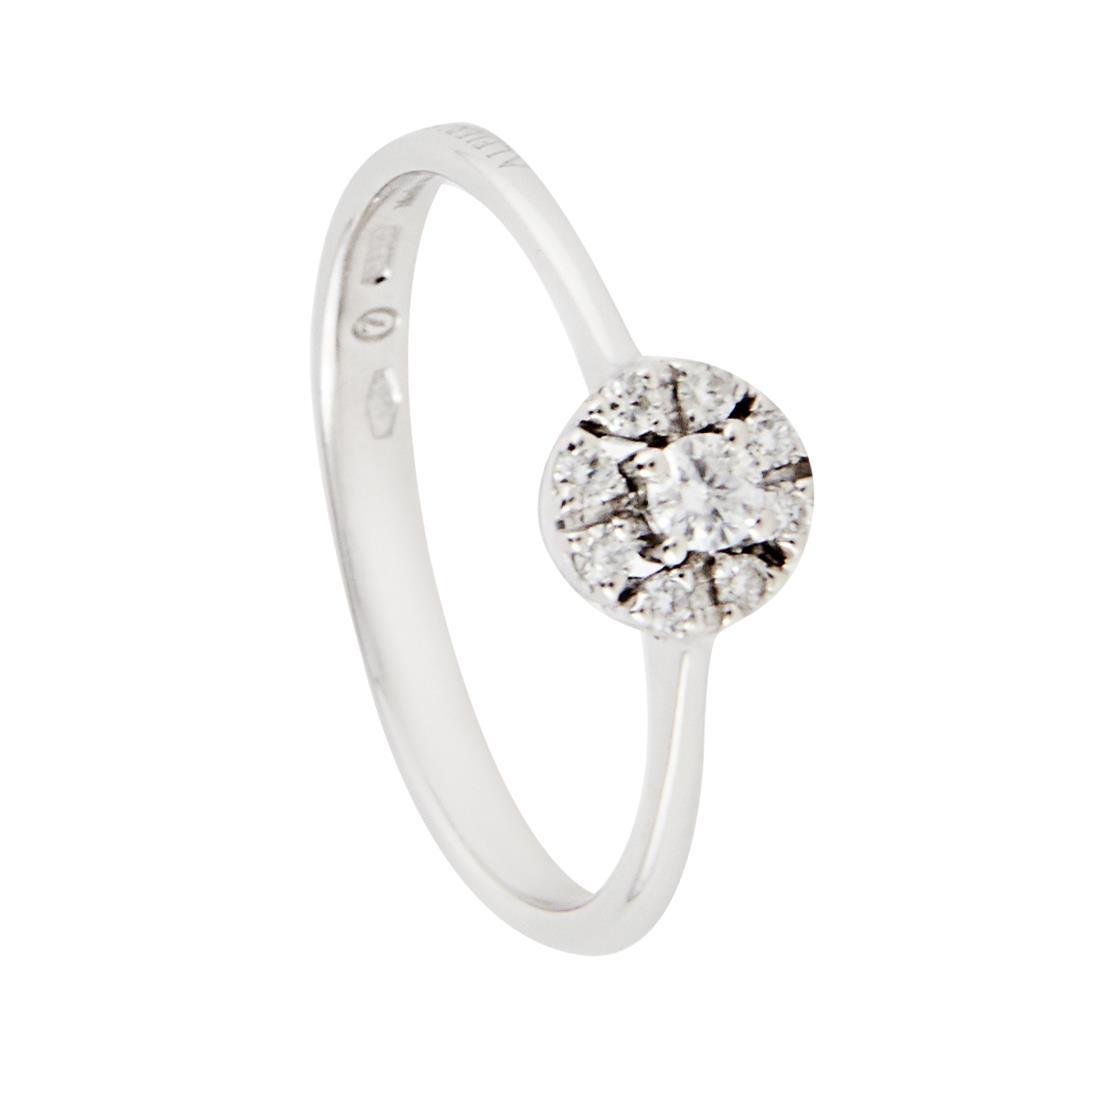 Anello in oro bianco con diamanti, misura 15 - ALFIERI ST JOHN